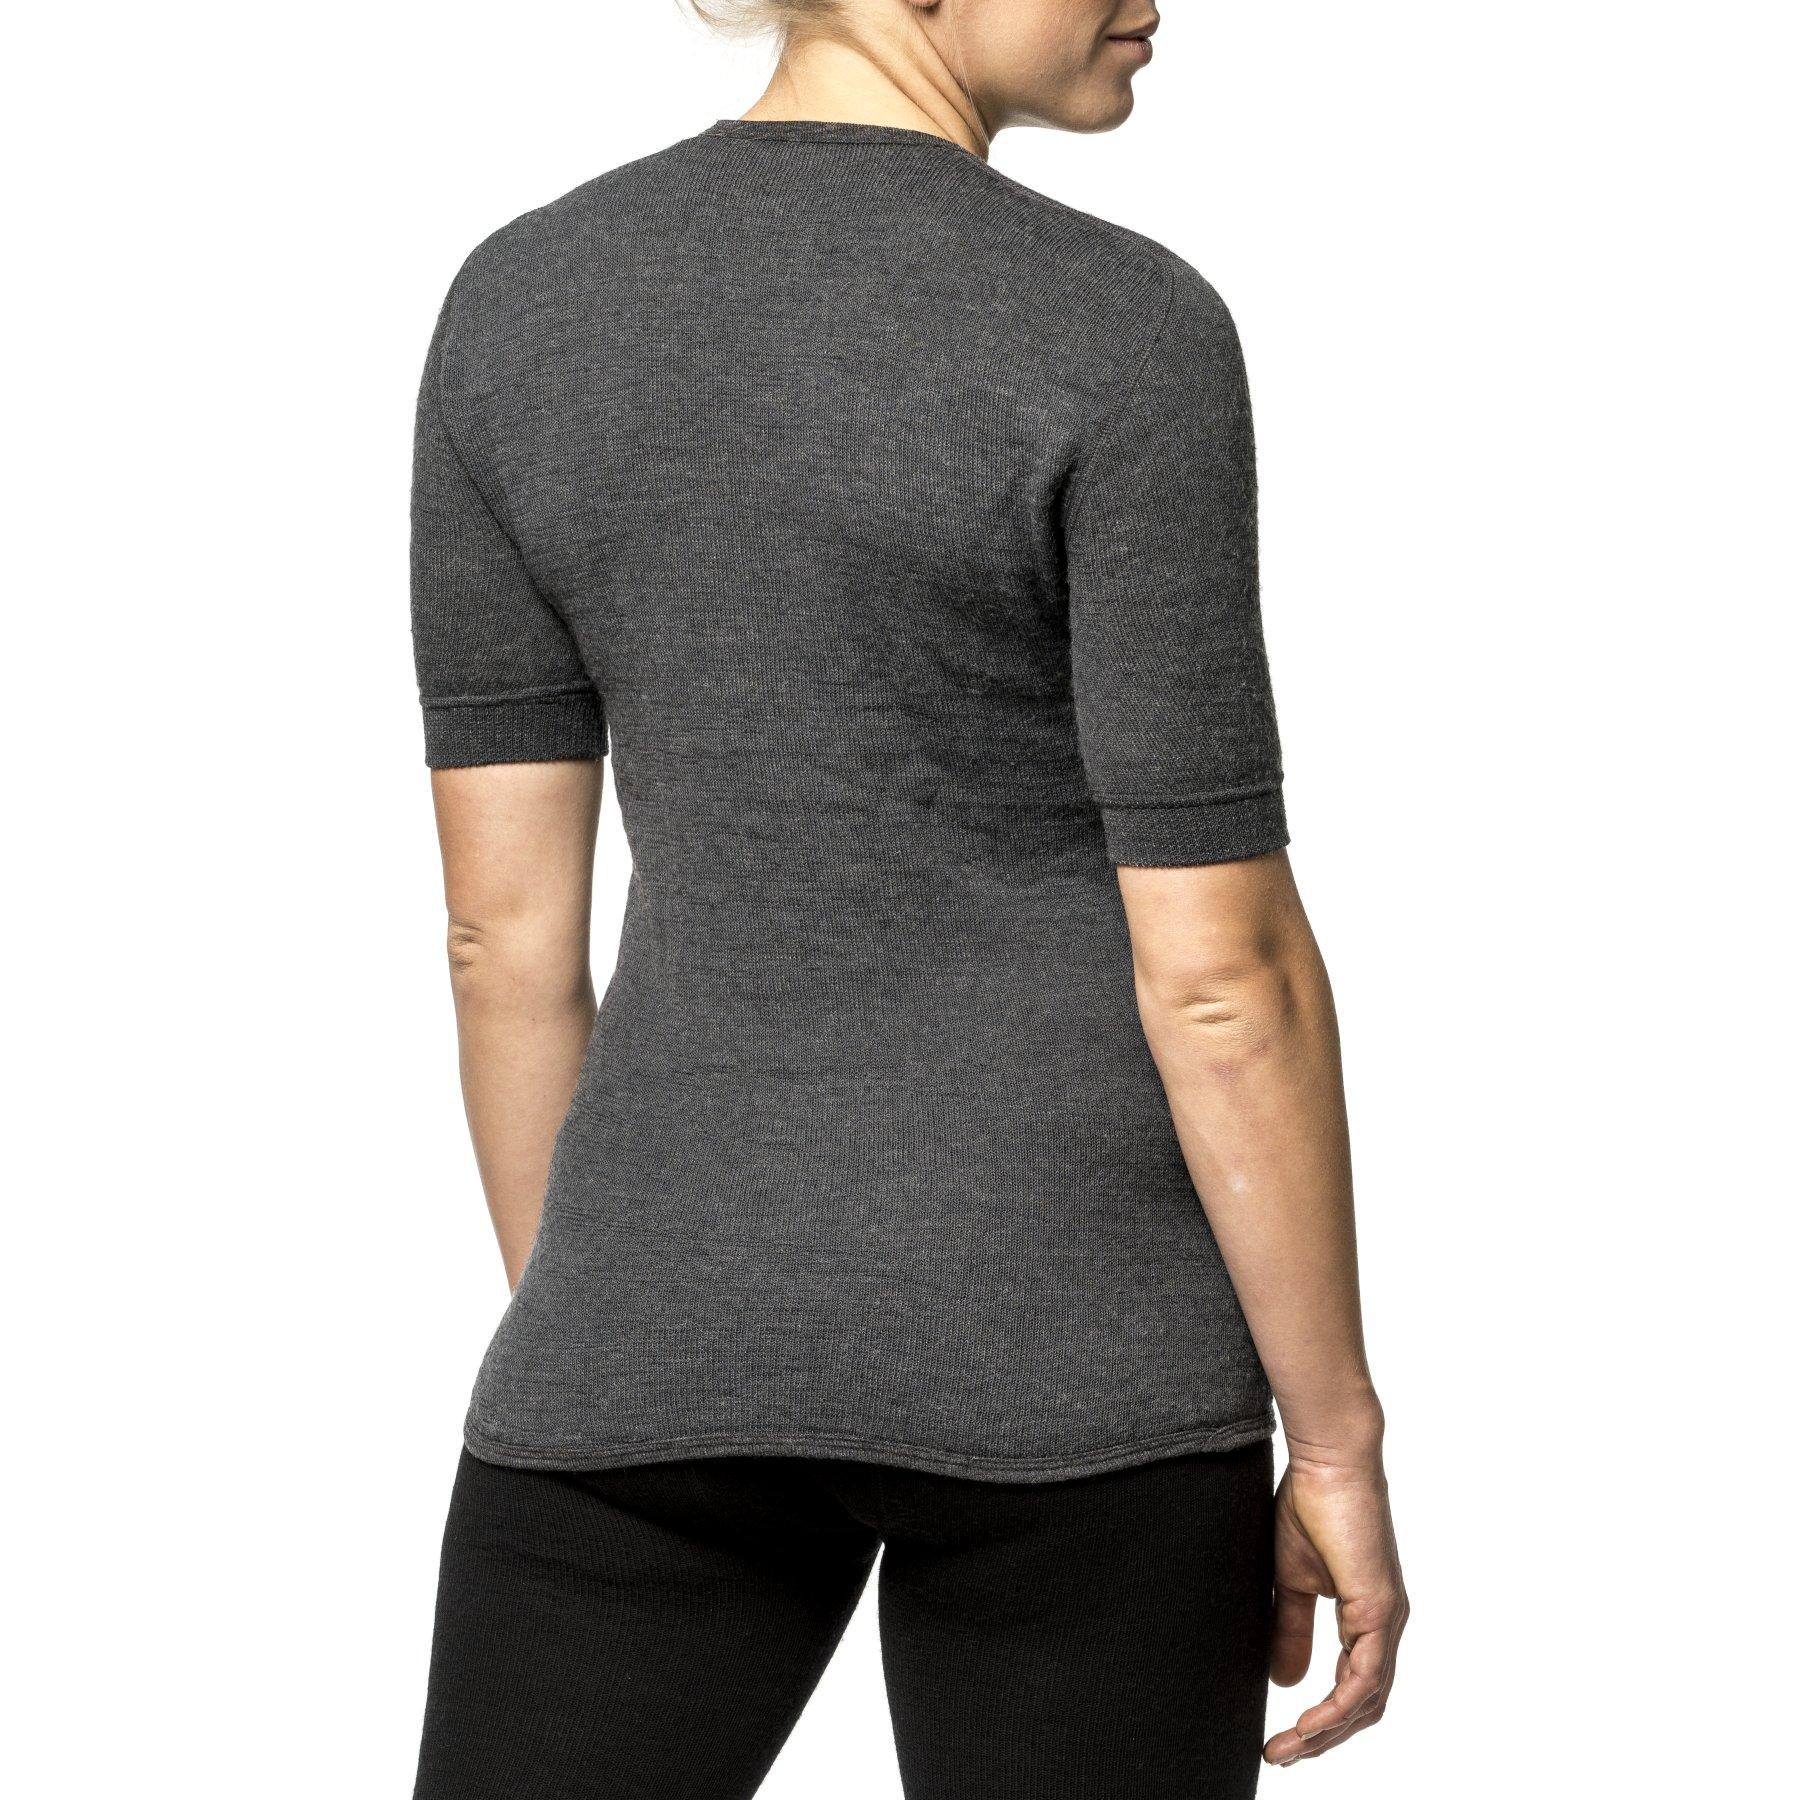 Bild von Woolpower Tee 200 Unisex Kurzarm-Unterhemd - grey